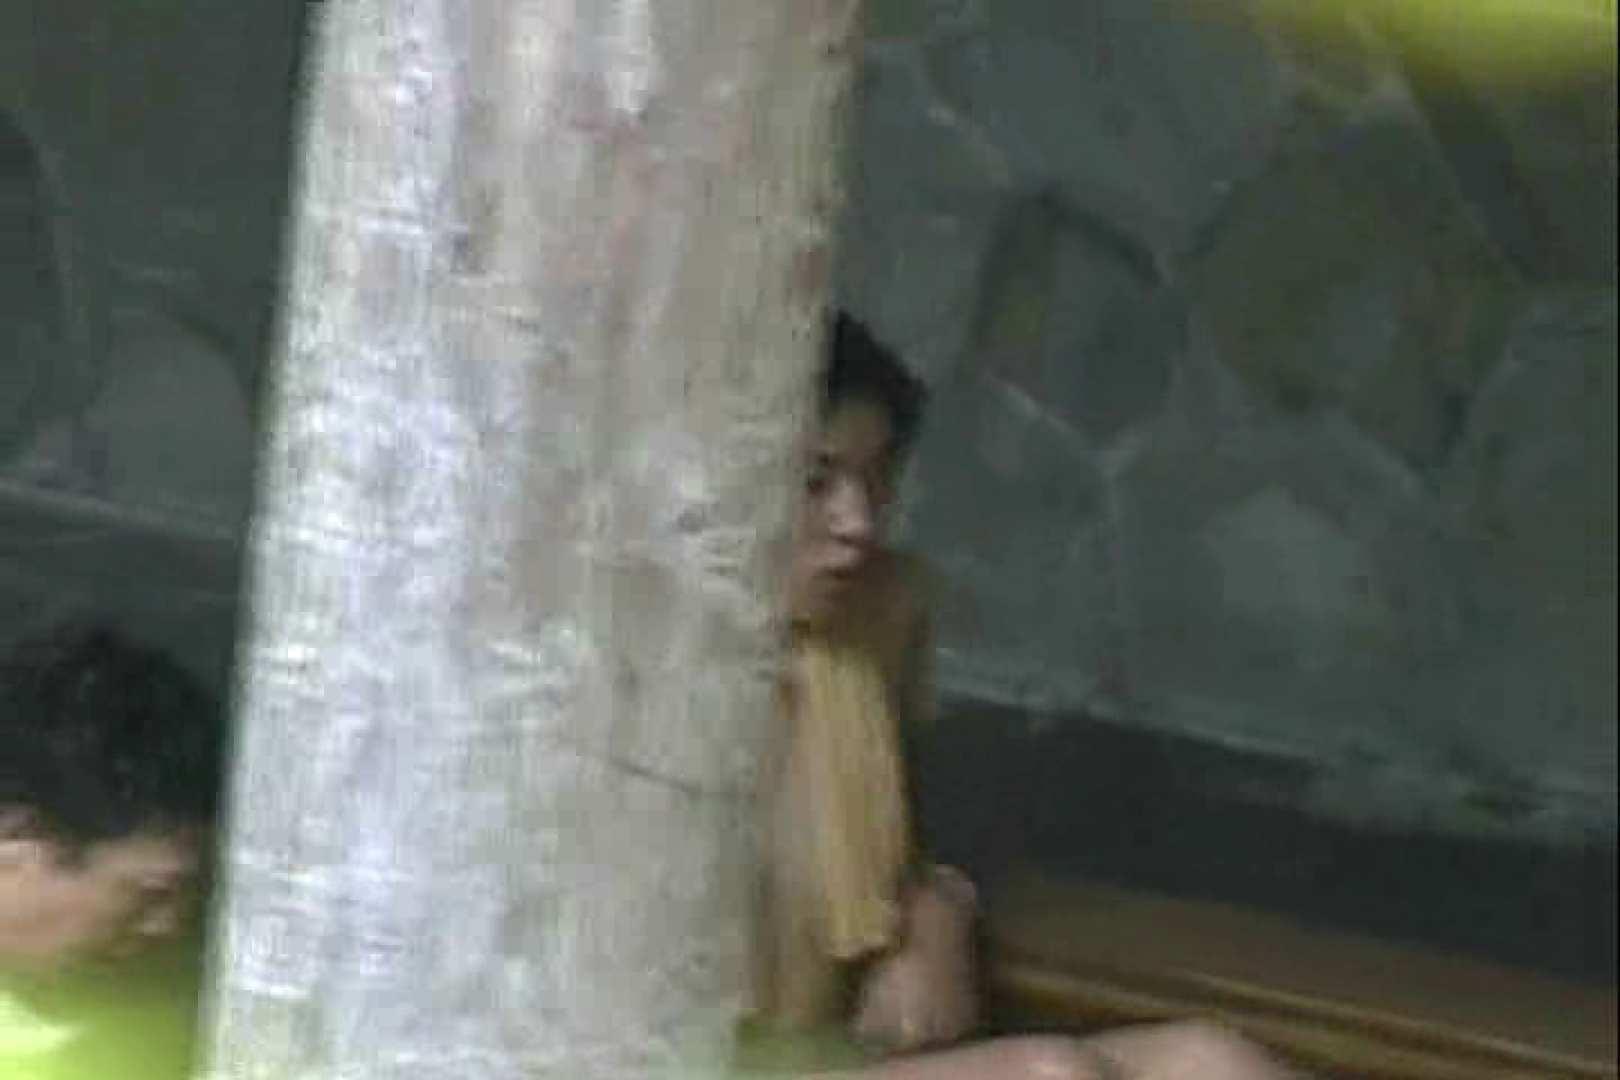 激撮!! 接写天井裏の刺客Vol.4 女子風呂盗撮 | 接写  79画像 76